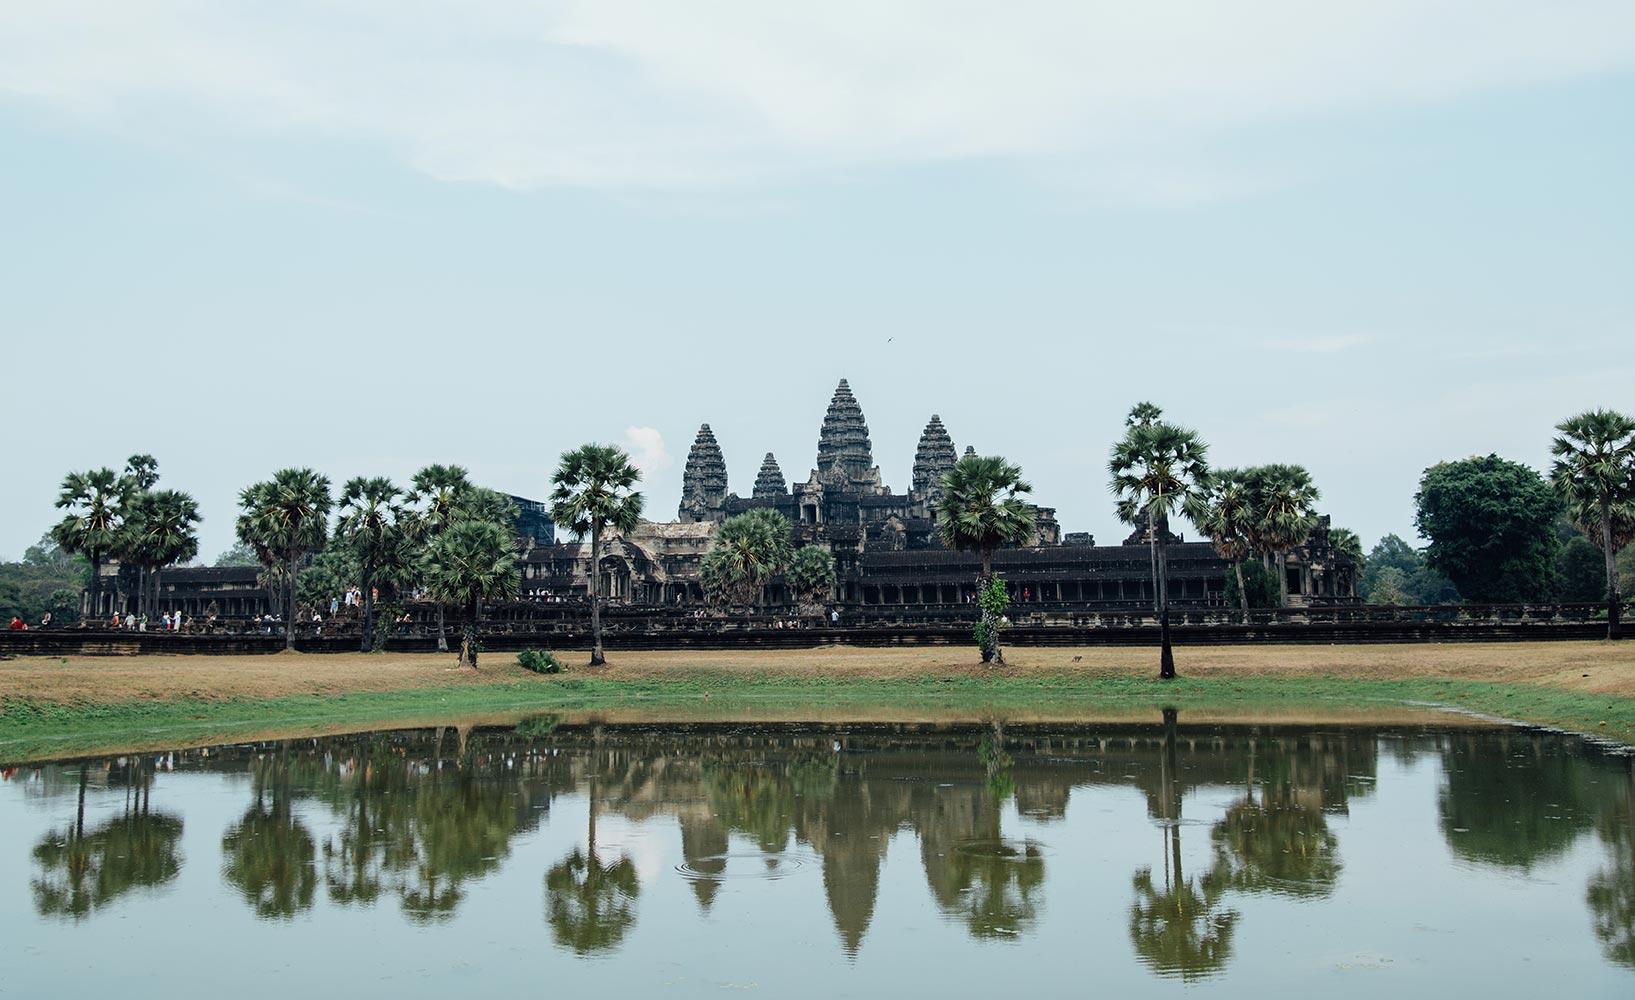 Einfache Dekoration Und Mobel Authentischer Urlaub Im Designhotel Phum Baitang #18: Tempelanlage Angkor Wat